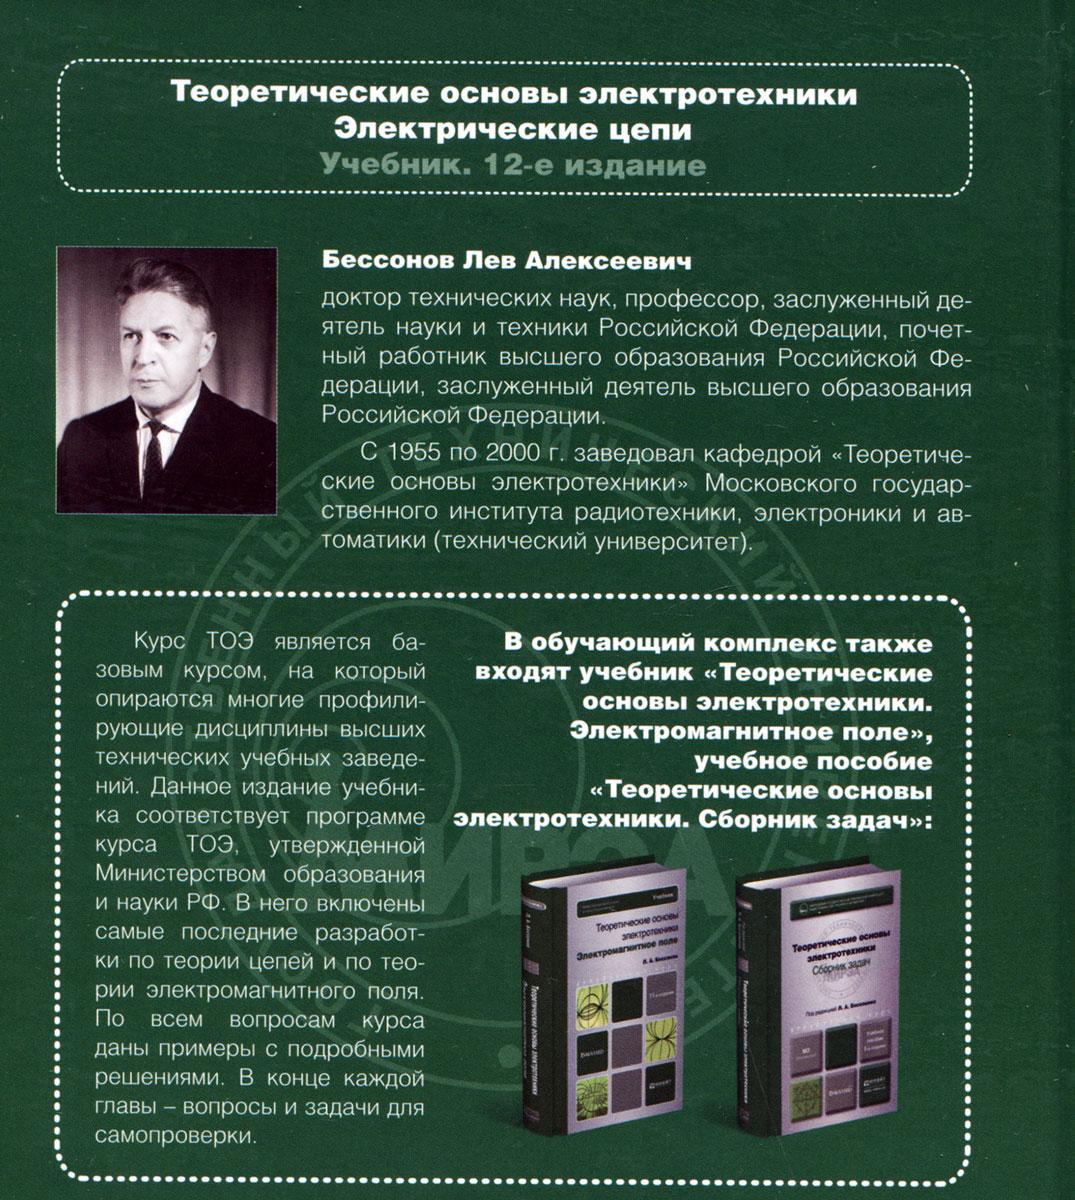 Теоретические основы электротехники. Электрические цепи. Учебник